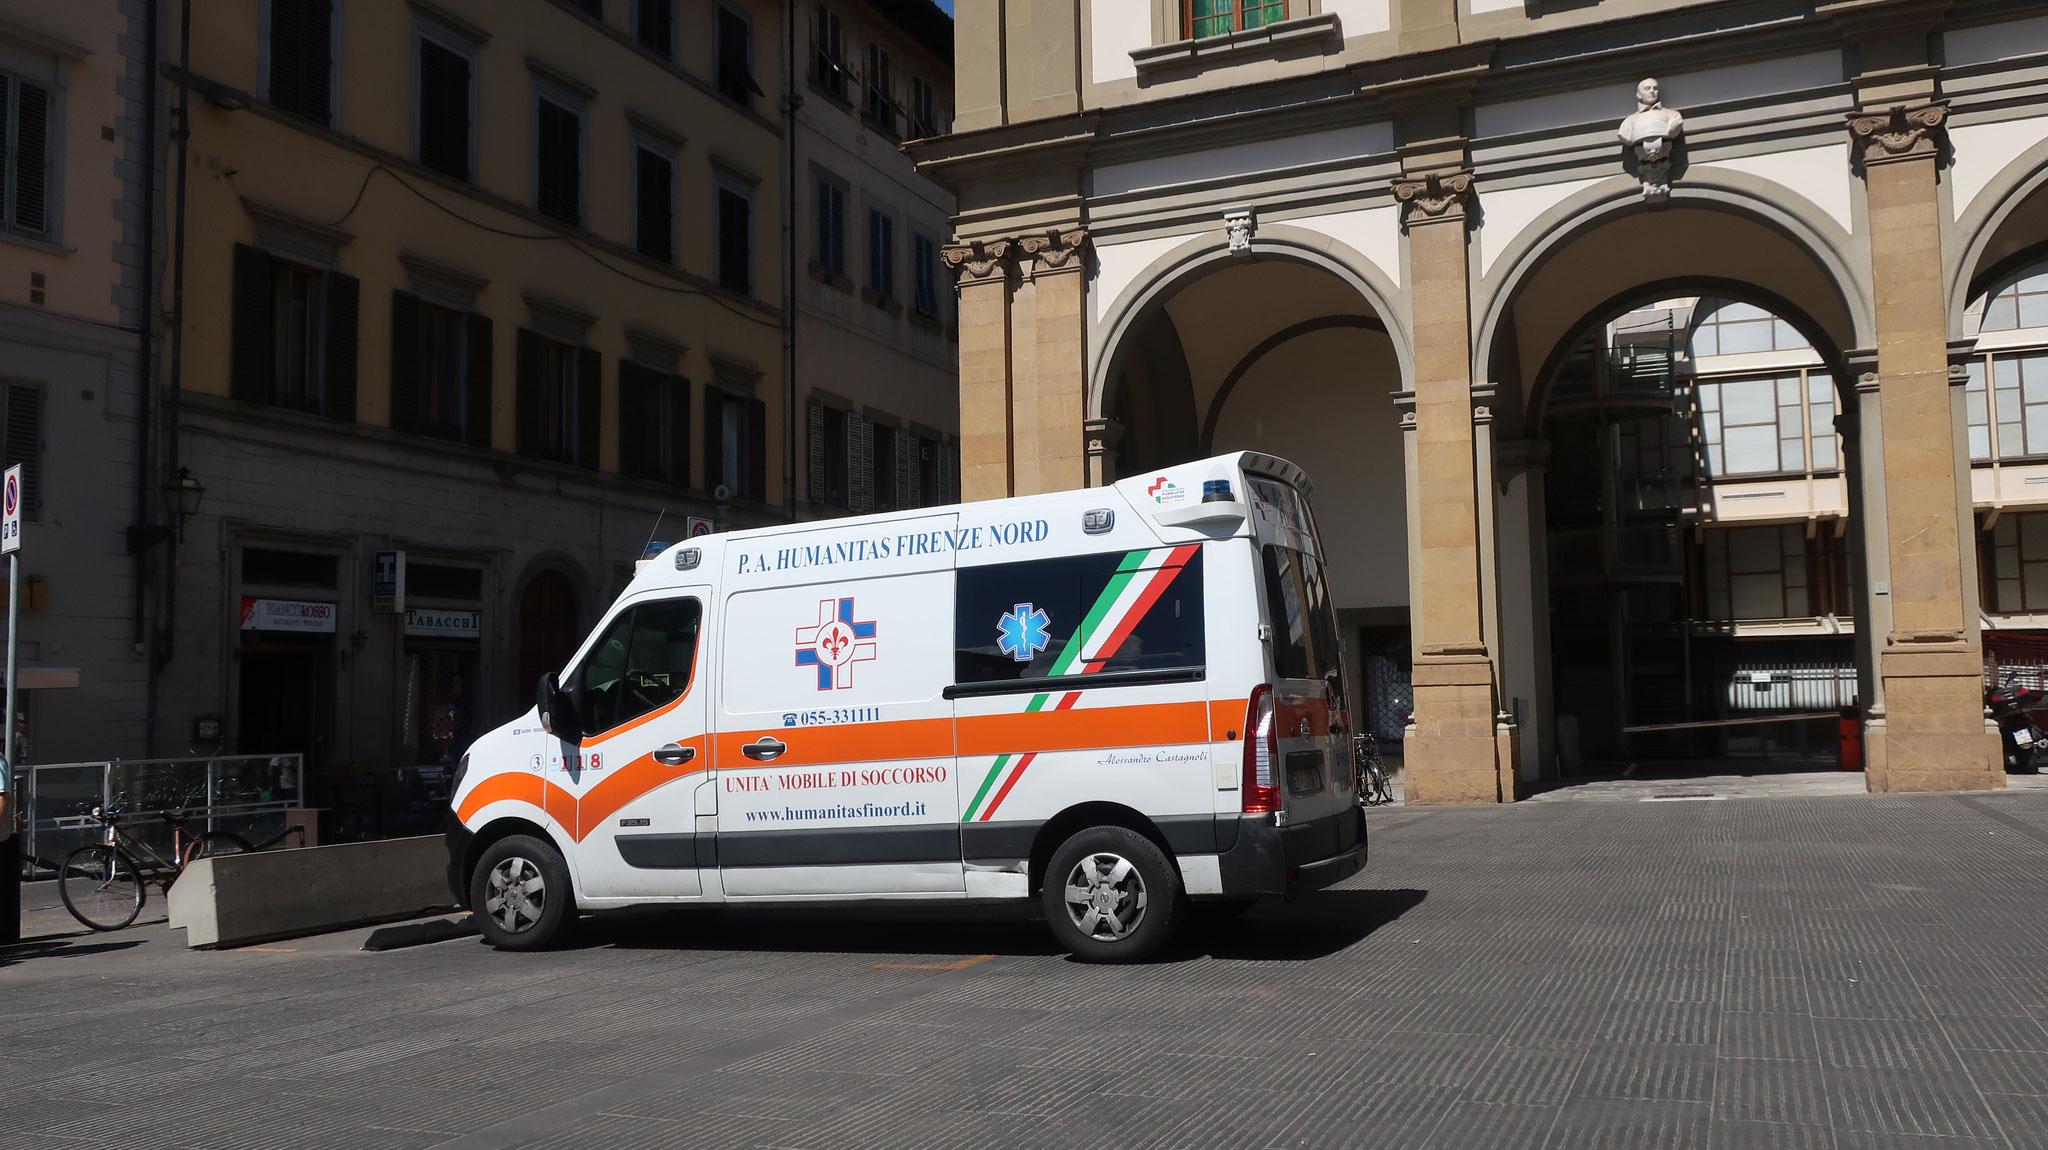 現在は、主として救急病院として活動しています。